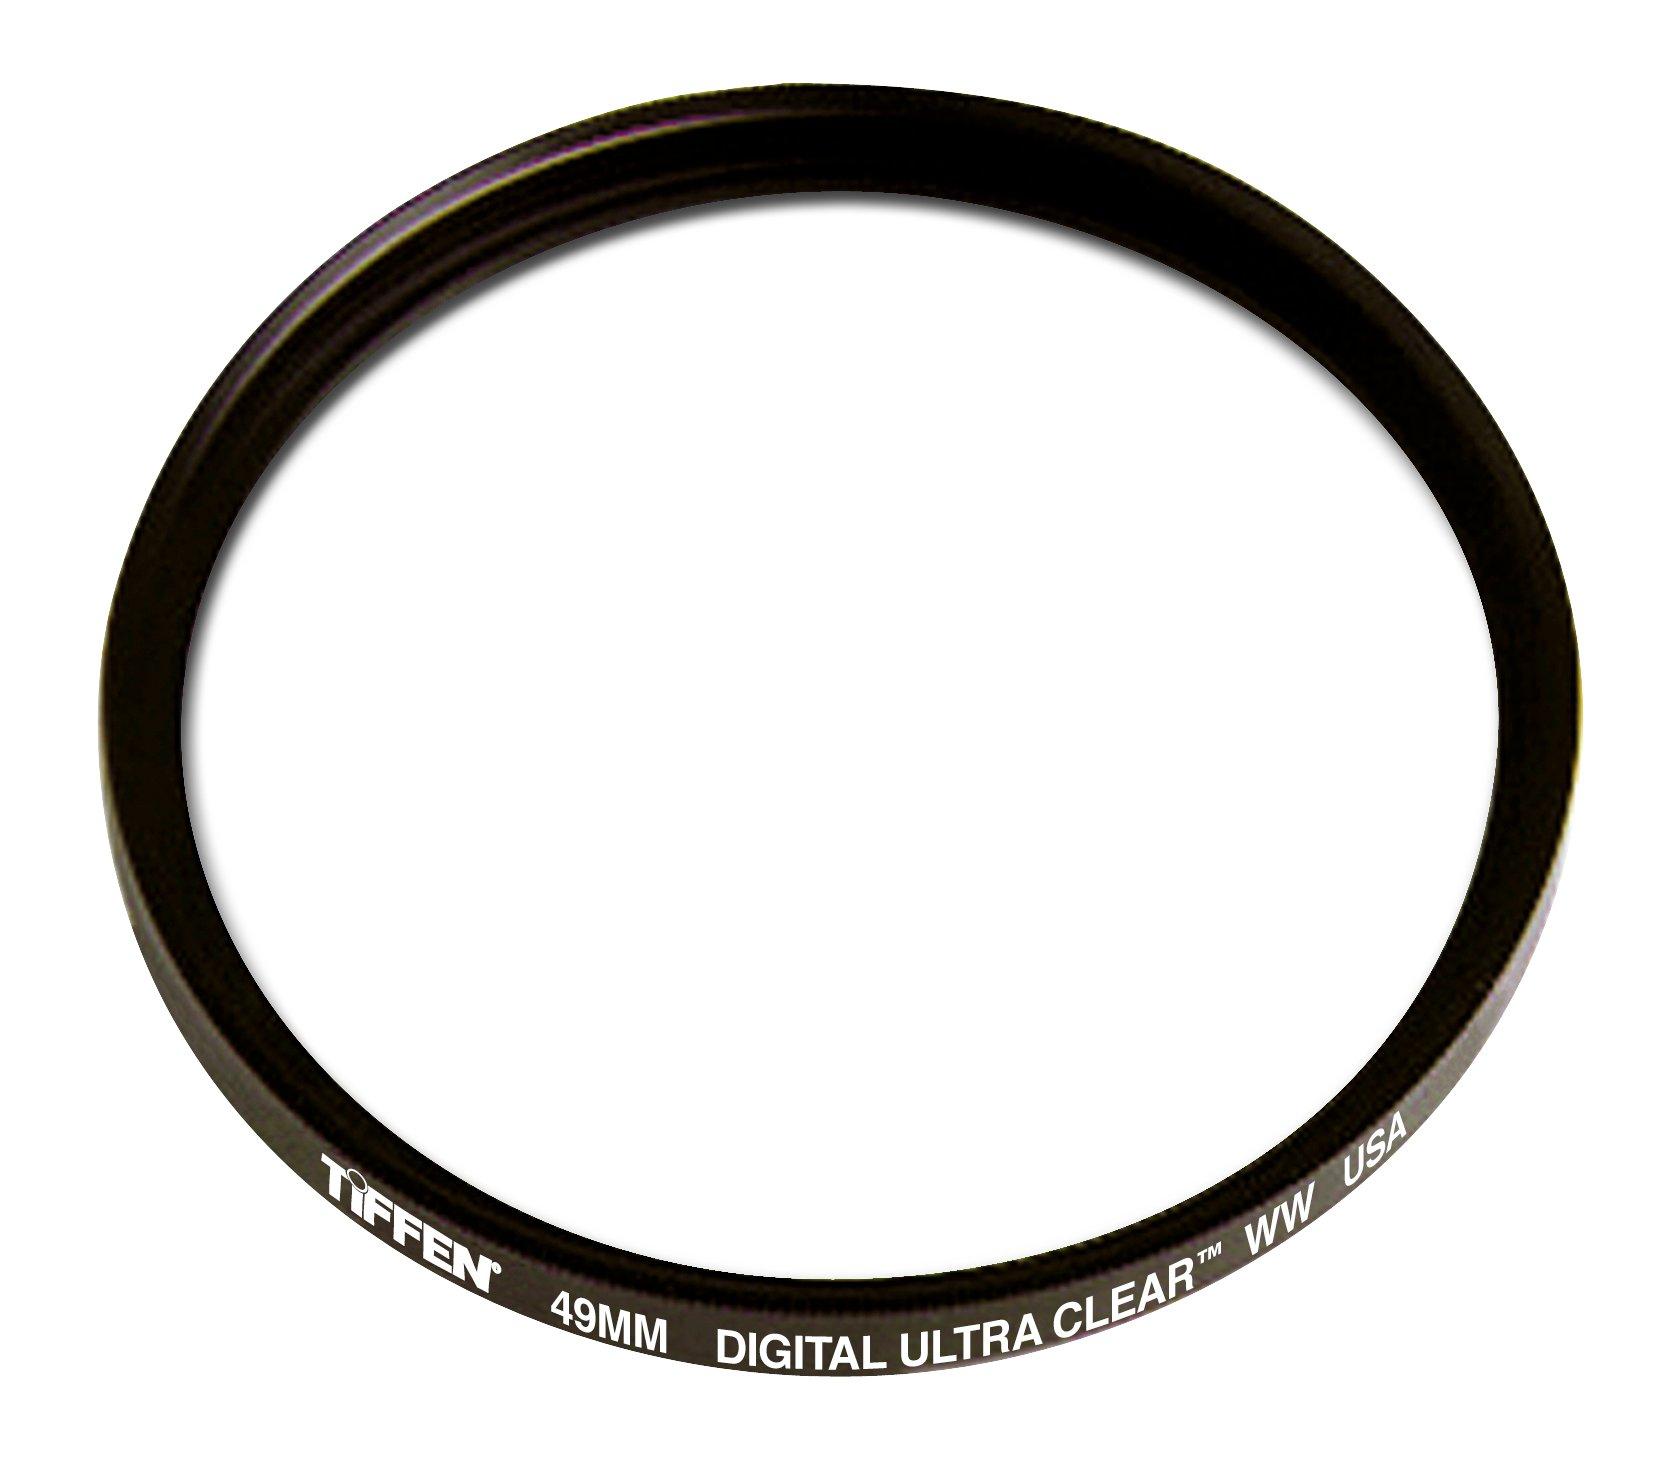 49mm Digital Ultra Clear WW Filter